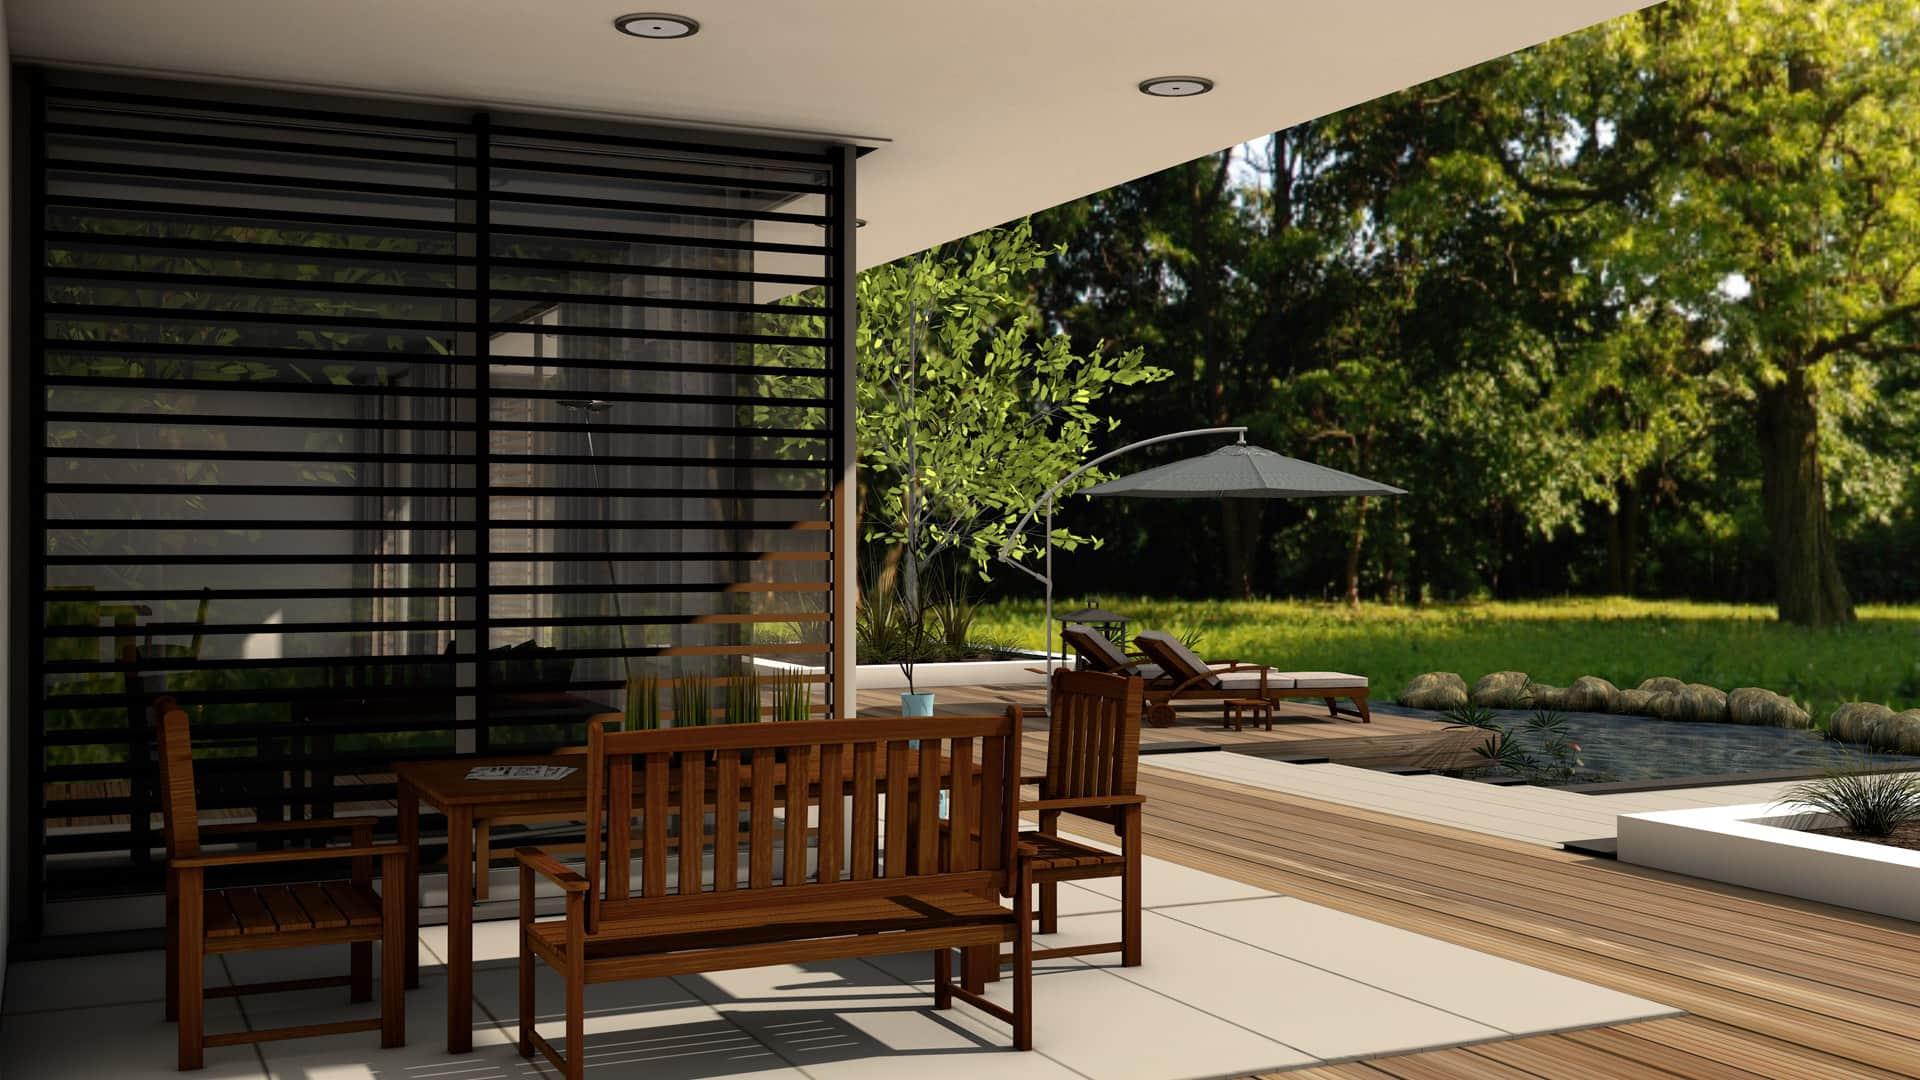 fertighaus planen und bauen infos bei. Black Bedroom Furniture Sets. Home Design Ideas